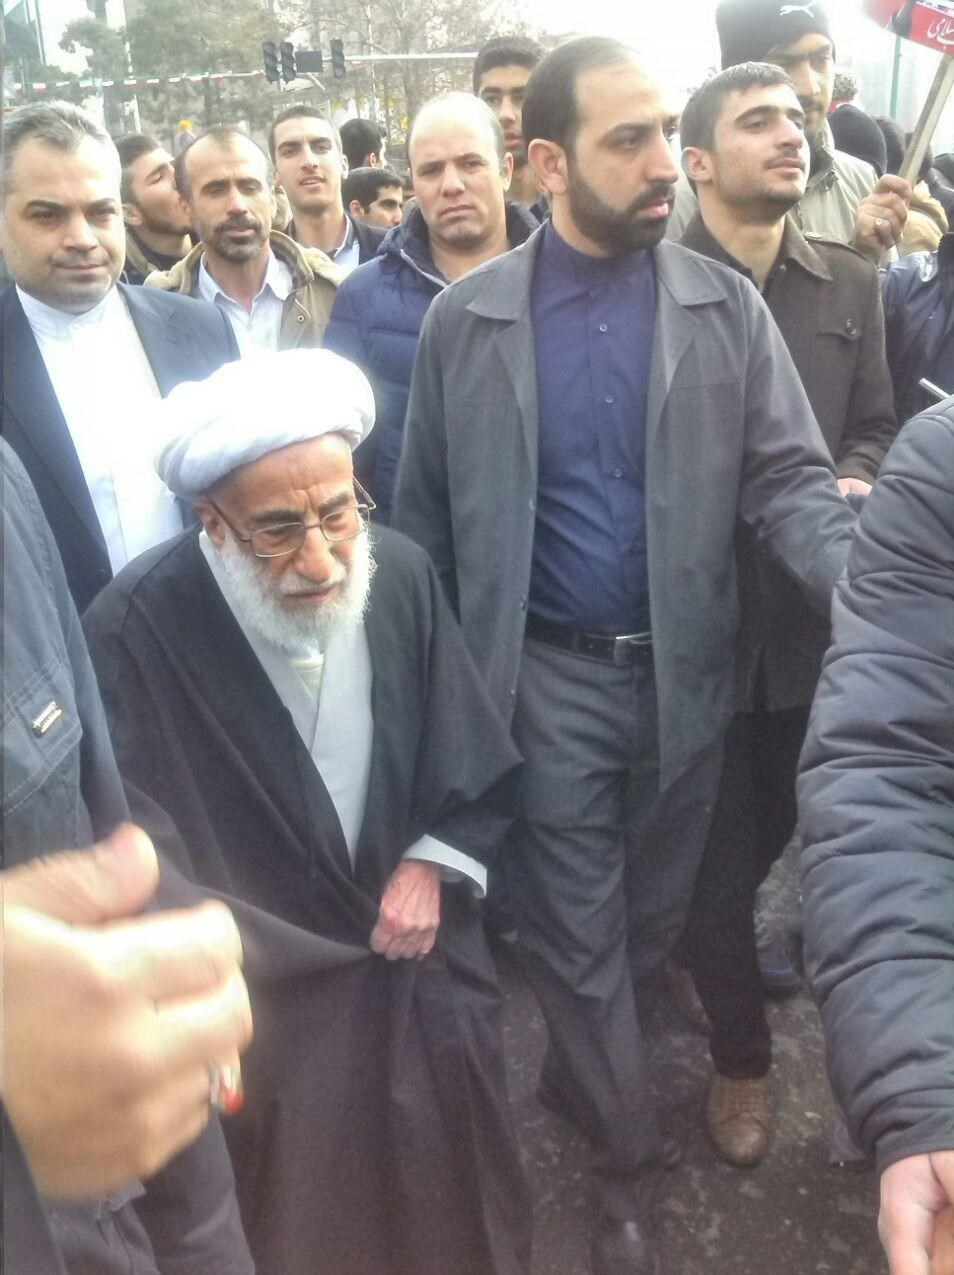 حضور پرشور مردم و مسئولان انقل در یومالله 22 بهمن/ ایرانی از تهدید نمیترسد